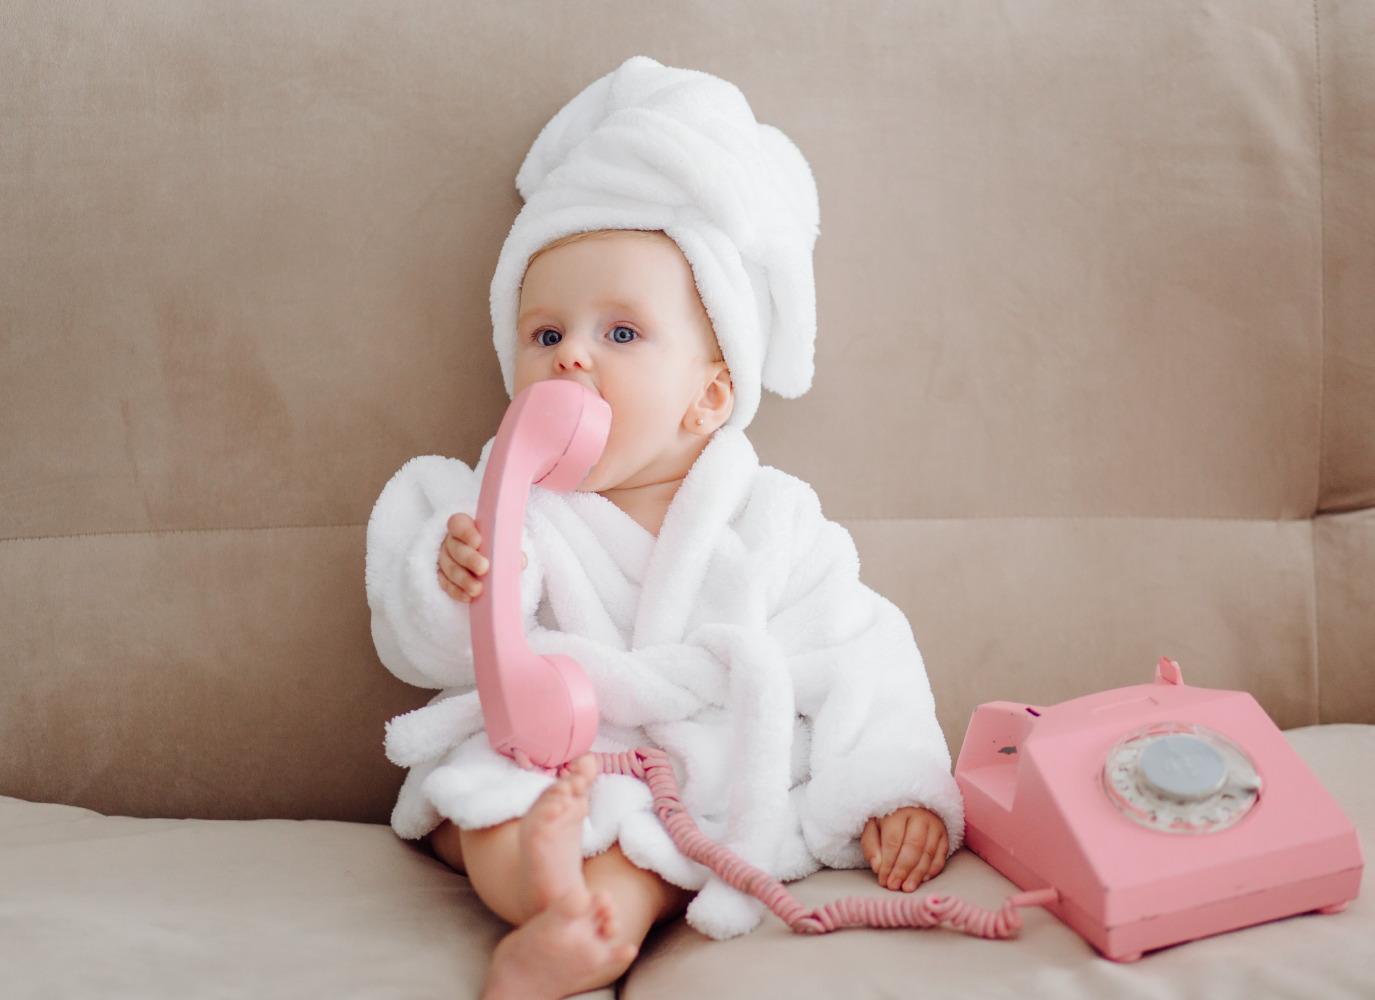 Bông tắm cho bé – tổng hợp kiến thức cho các mẹ